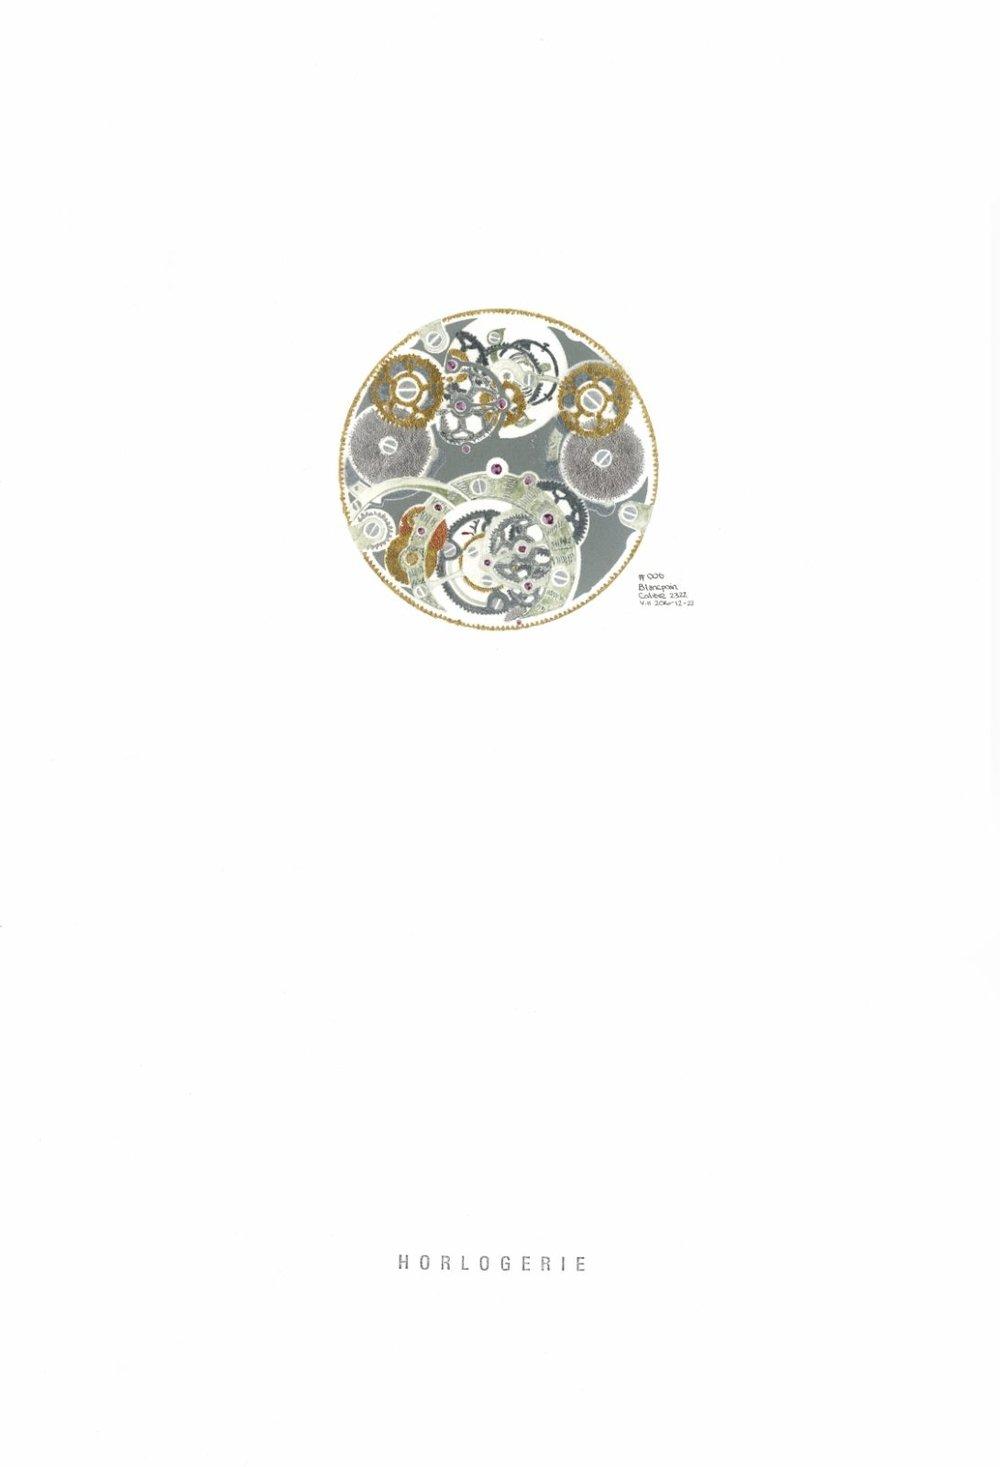 Horlogerie_006-1091x1600.jpg